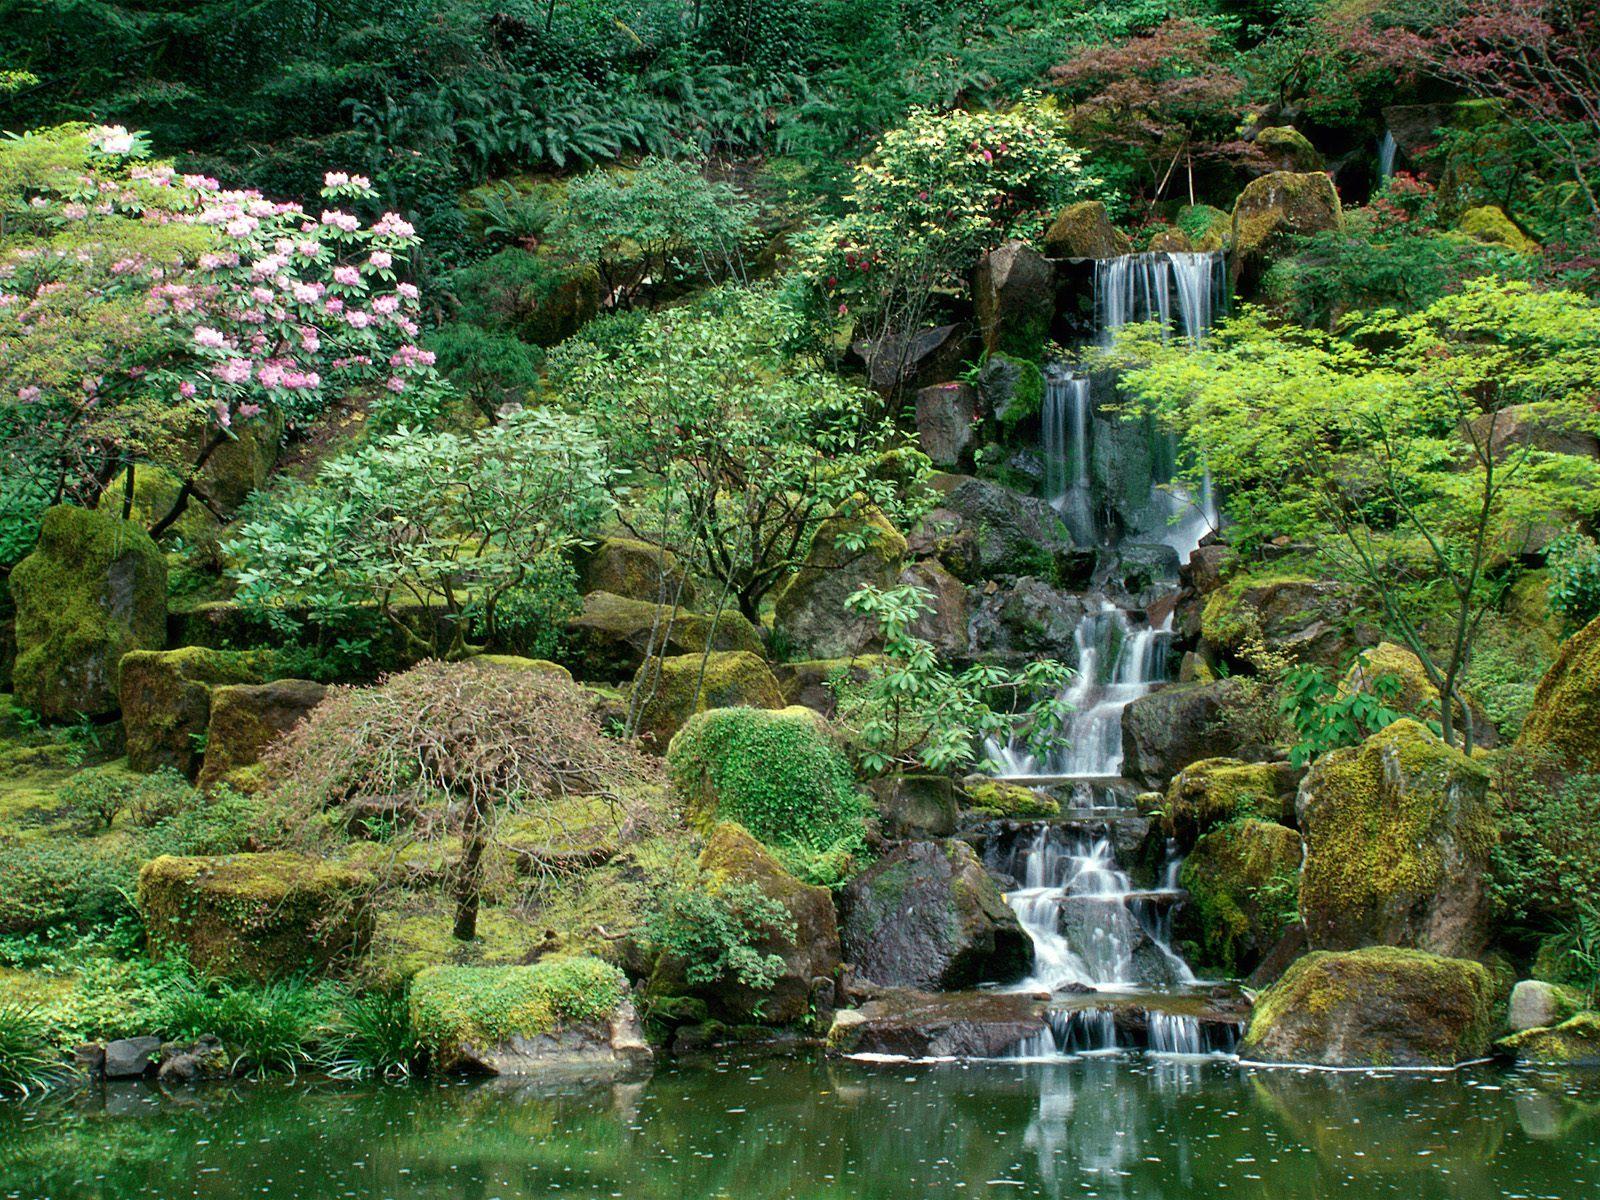 Водопад. Его прелесть в шуме воды, падающей с высоты в чашу искусственного водоема. В струях отражаются солнечные блики, а воздух насыщается влагой и свежестью.